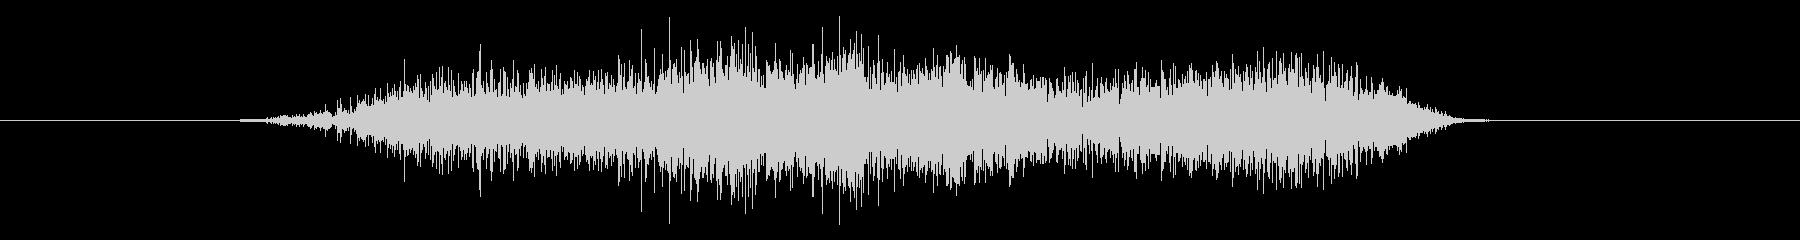 作業 サンドペーパーグラインド01の未再生の波形